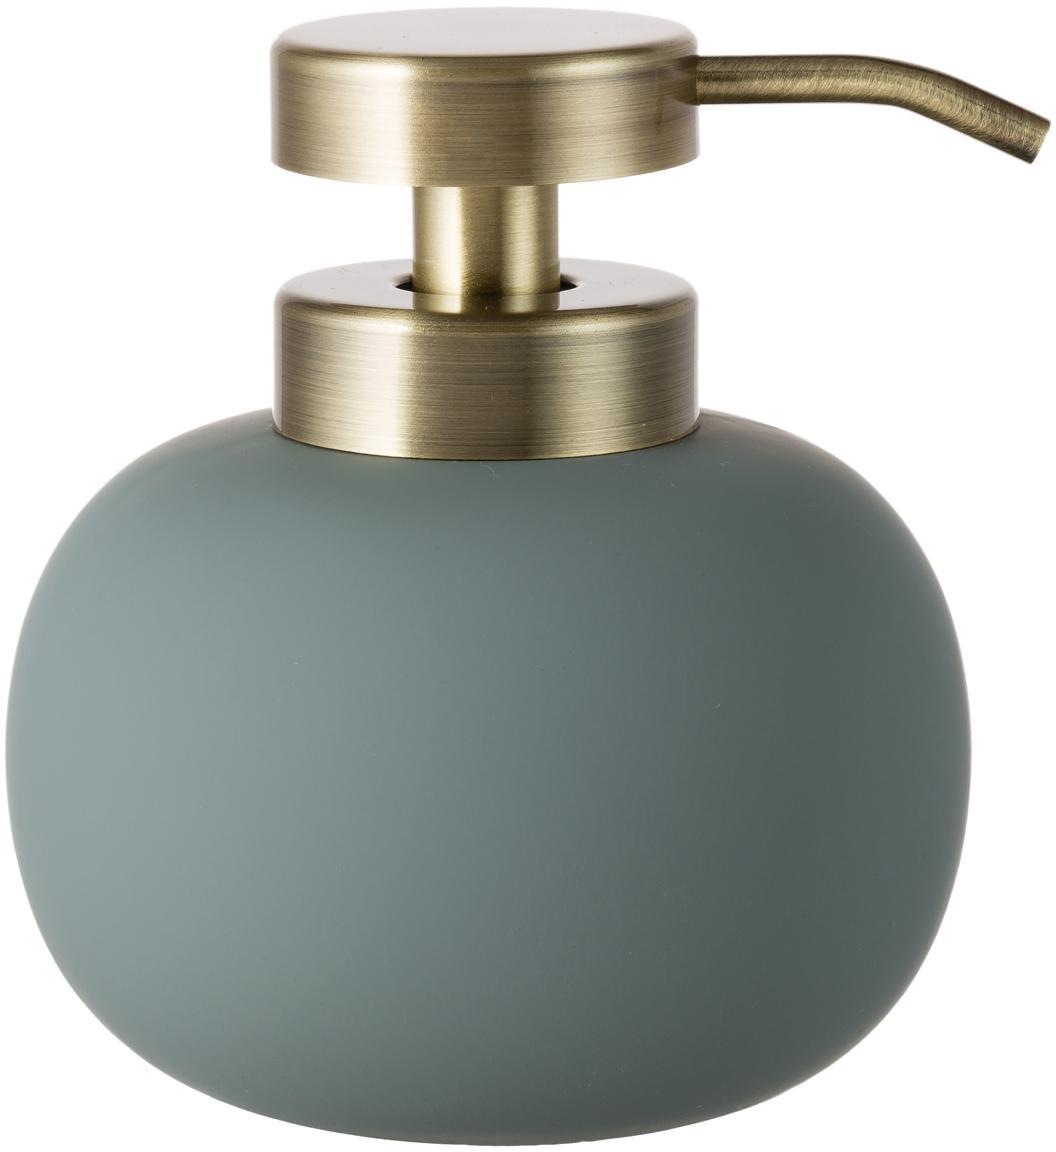 Dosatore di sapone Lotus, Contenitore: ceramica, Testa della pompa: metallo, Verde, ottone, Ø 11 x A 13 cm